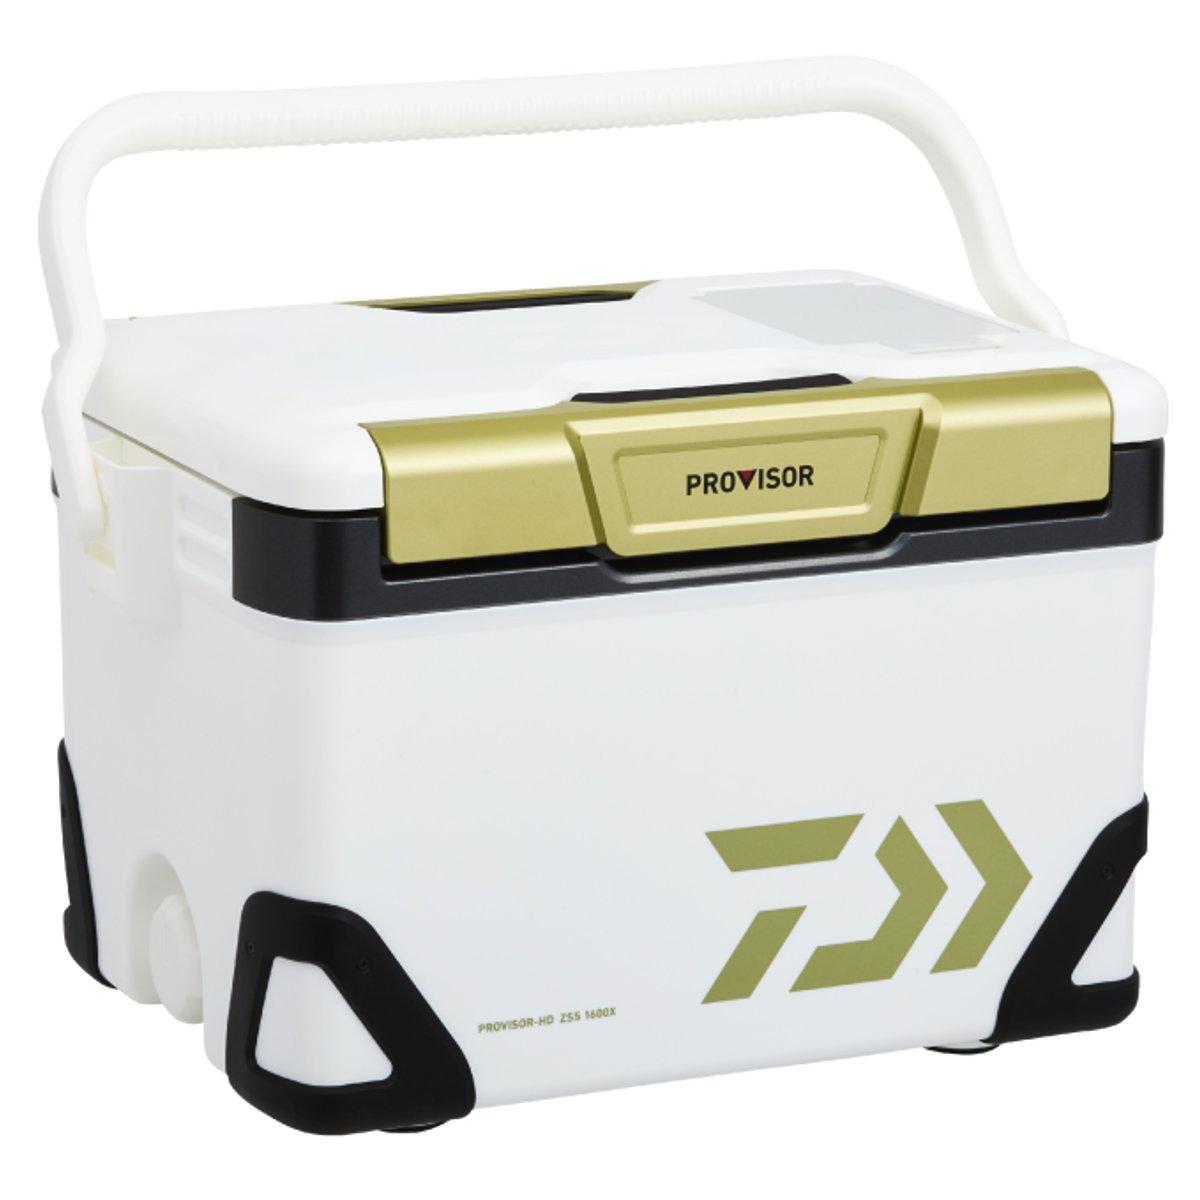 ダイワ プロバイザー HD ZSS 1600X シャンパンゴールド クーラーボックス